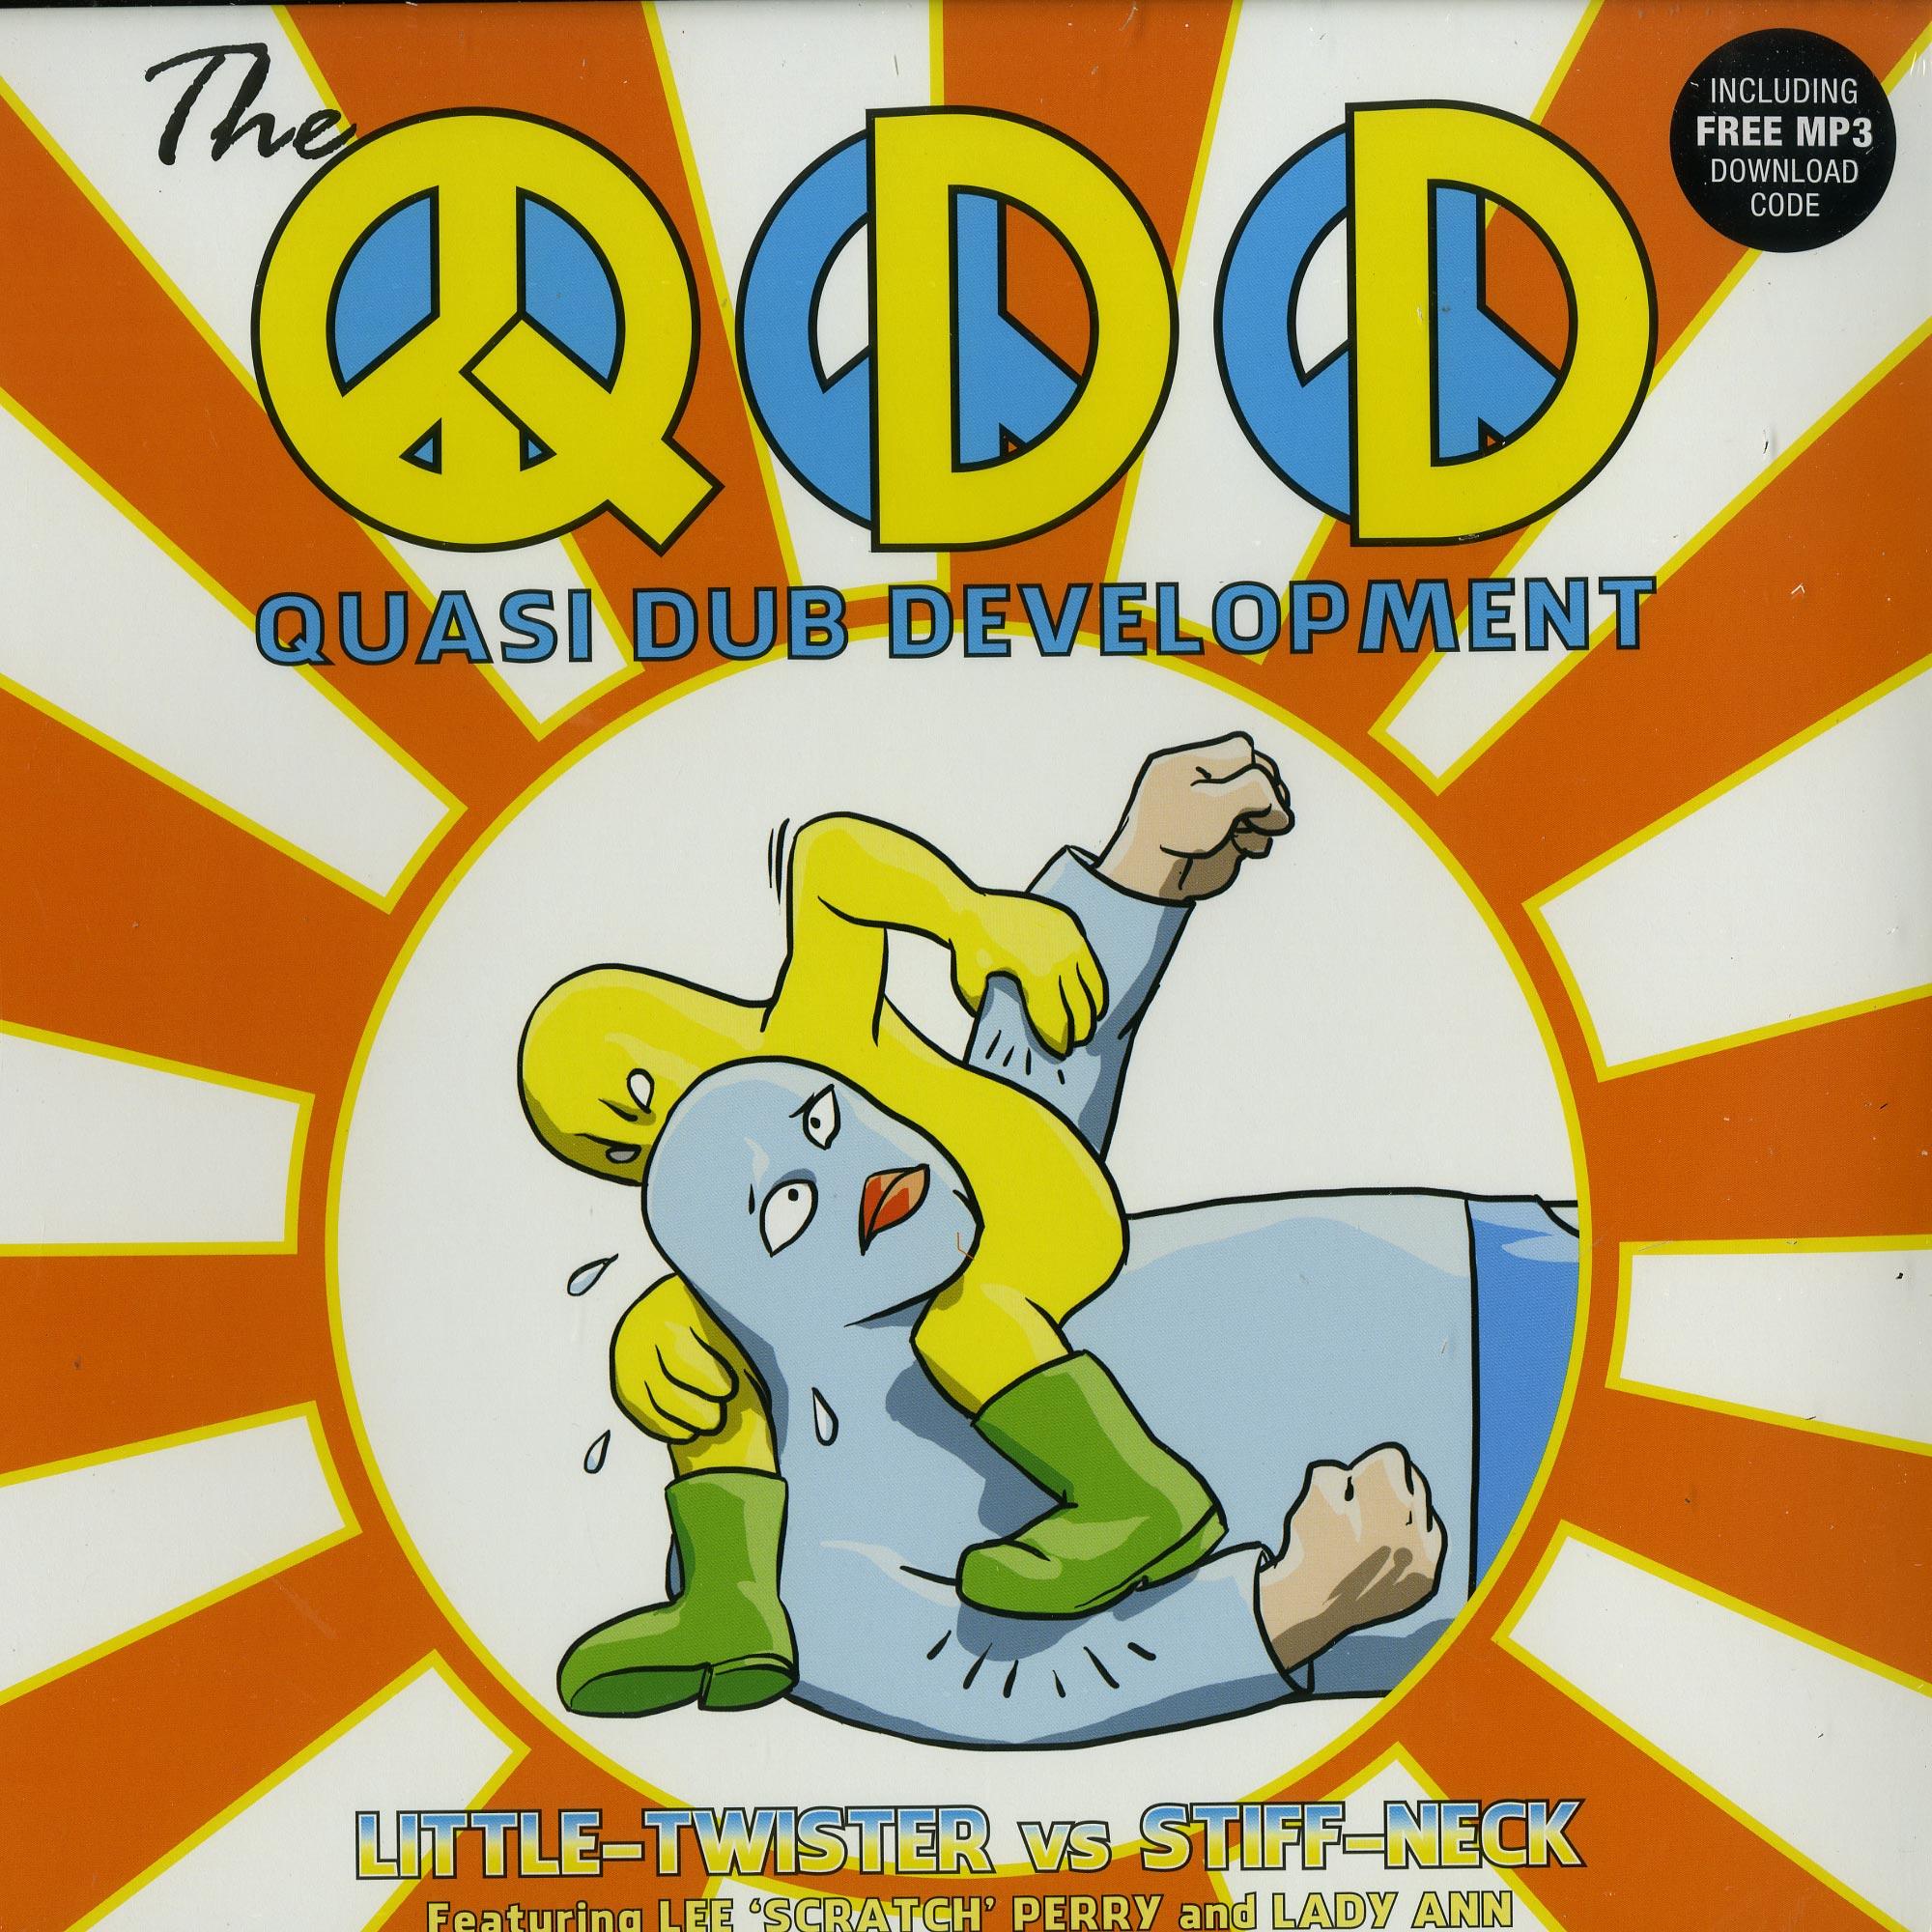 The Quasi Dub Developmen - LITTLE TWISTER VS. STIFF NECK